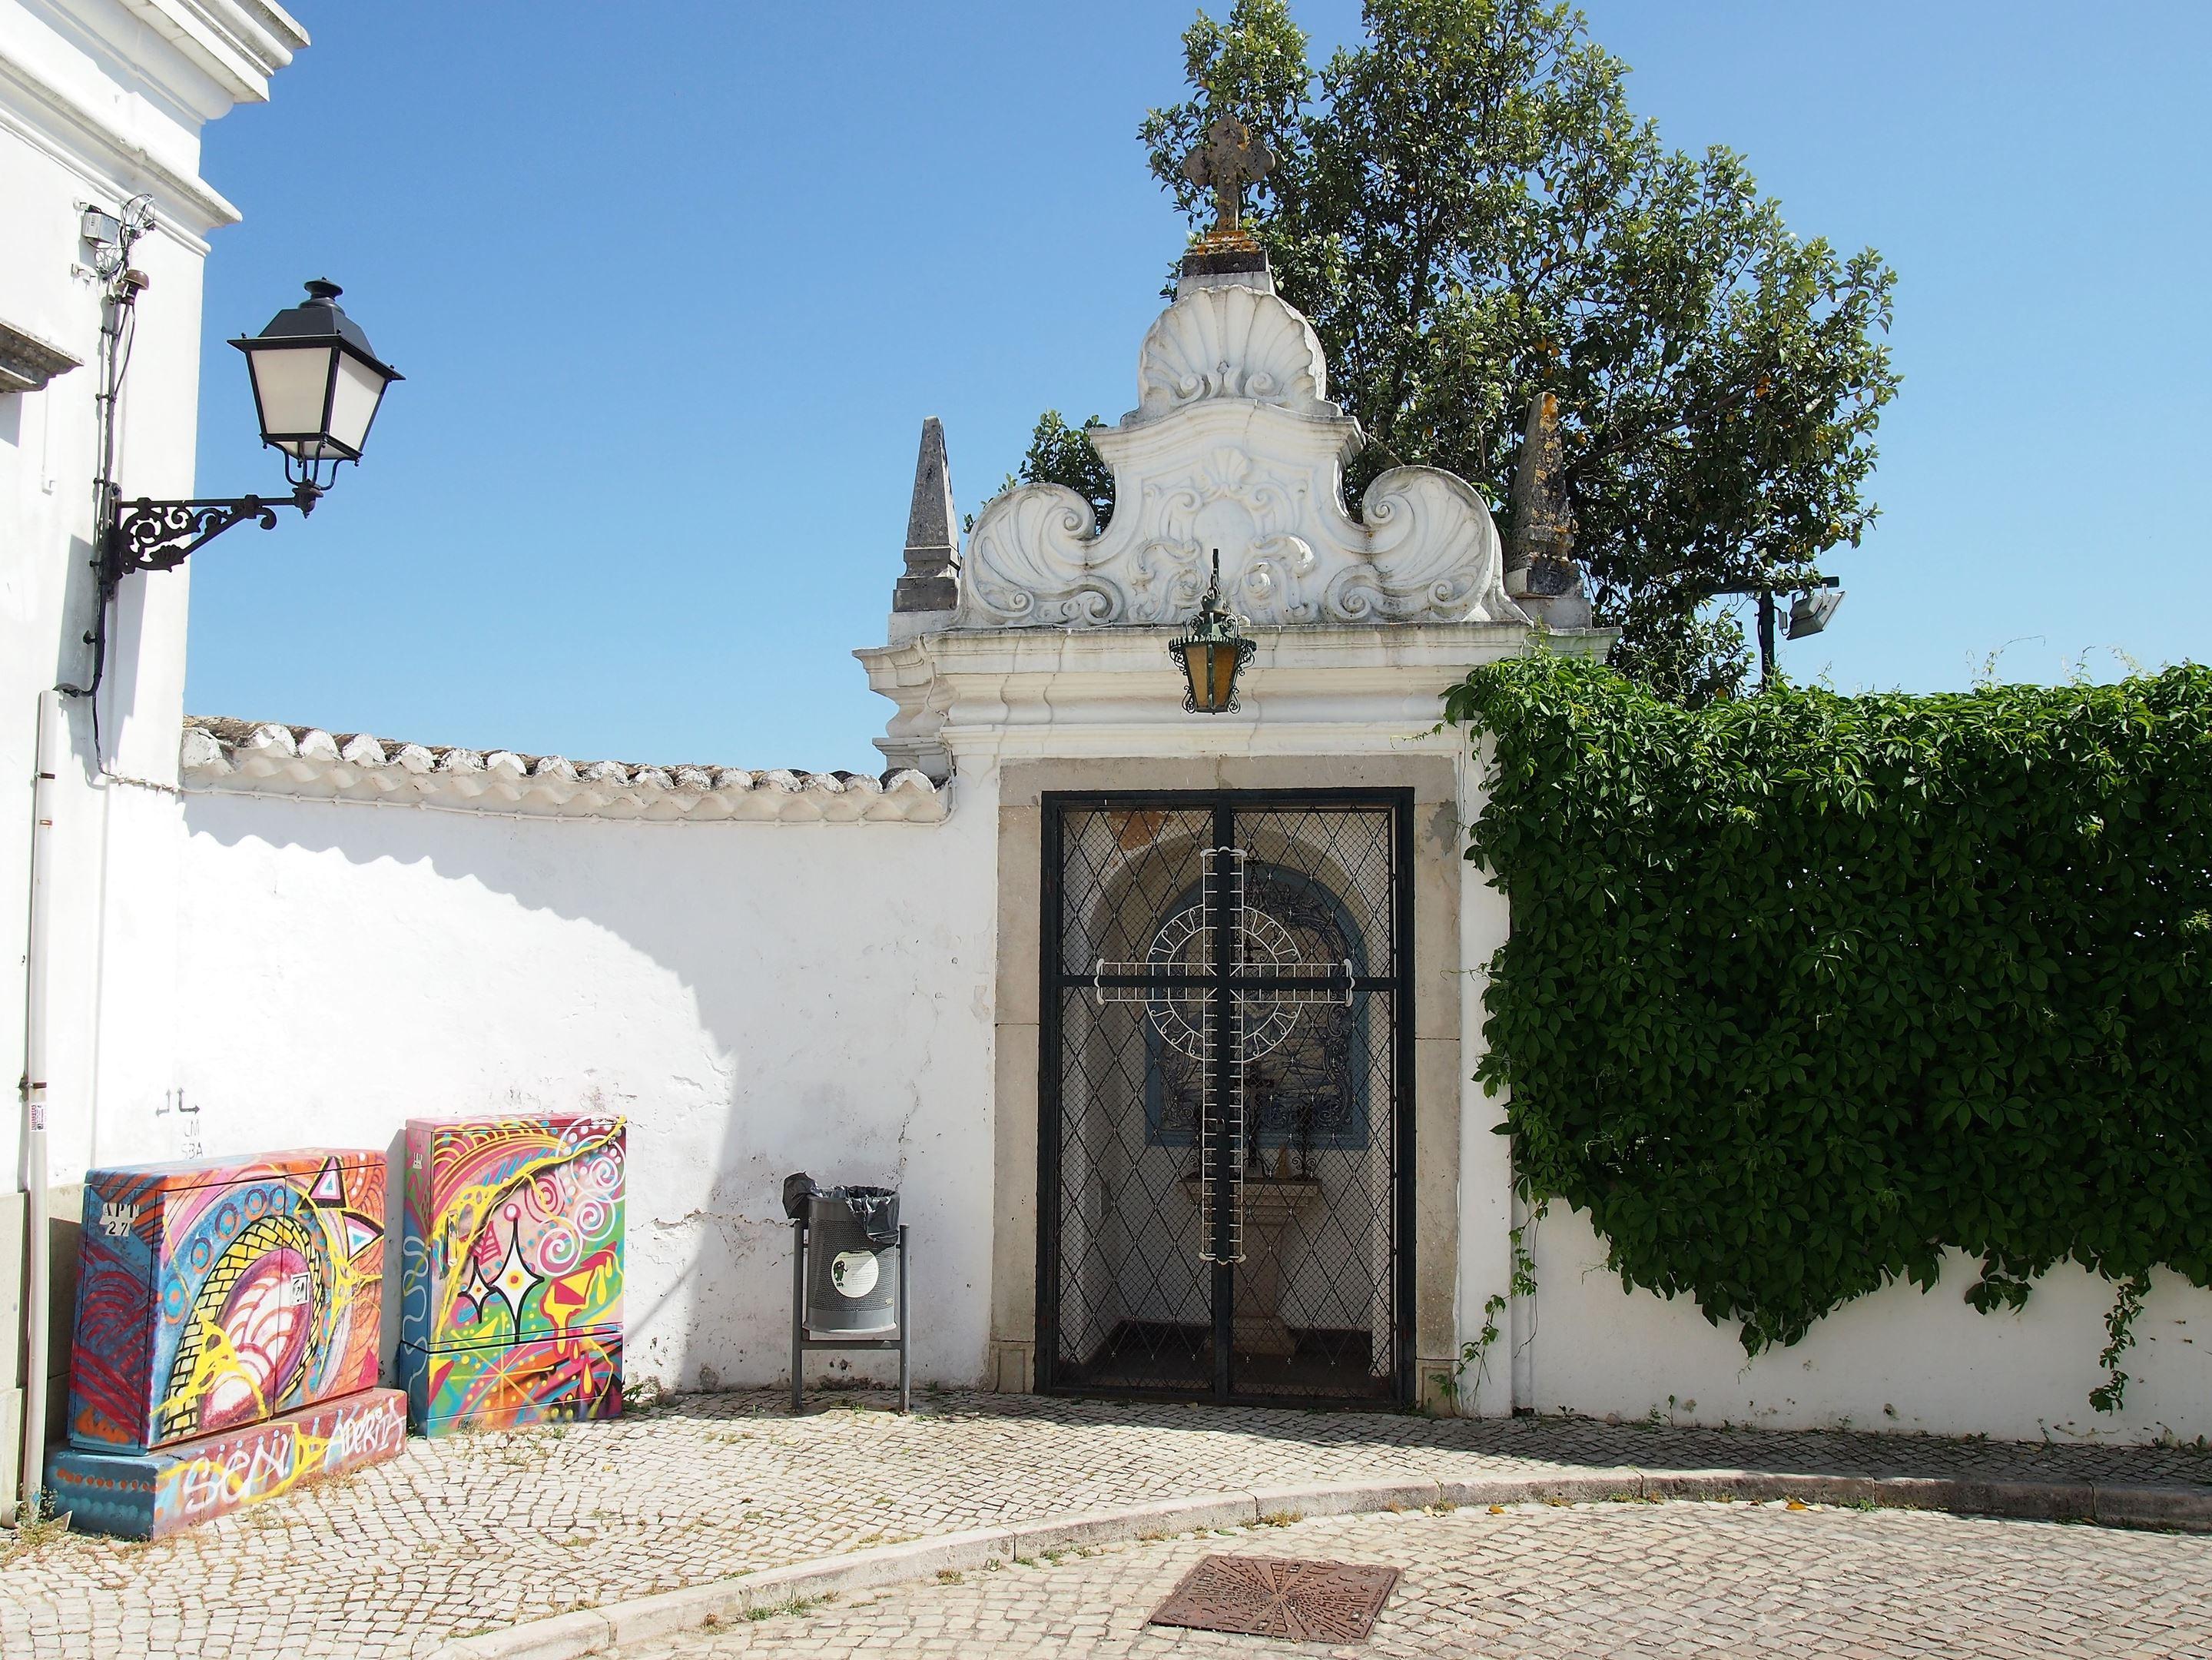 Entrada do Jardim da Verbena, São Brás de Alportel. Este jardim é tudo o que resta de um antigo palácio, onde os bispos do Algarve ficavam no verão